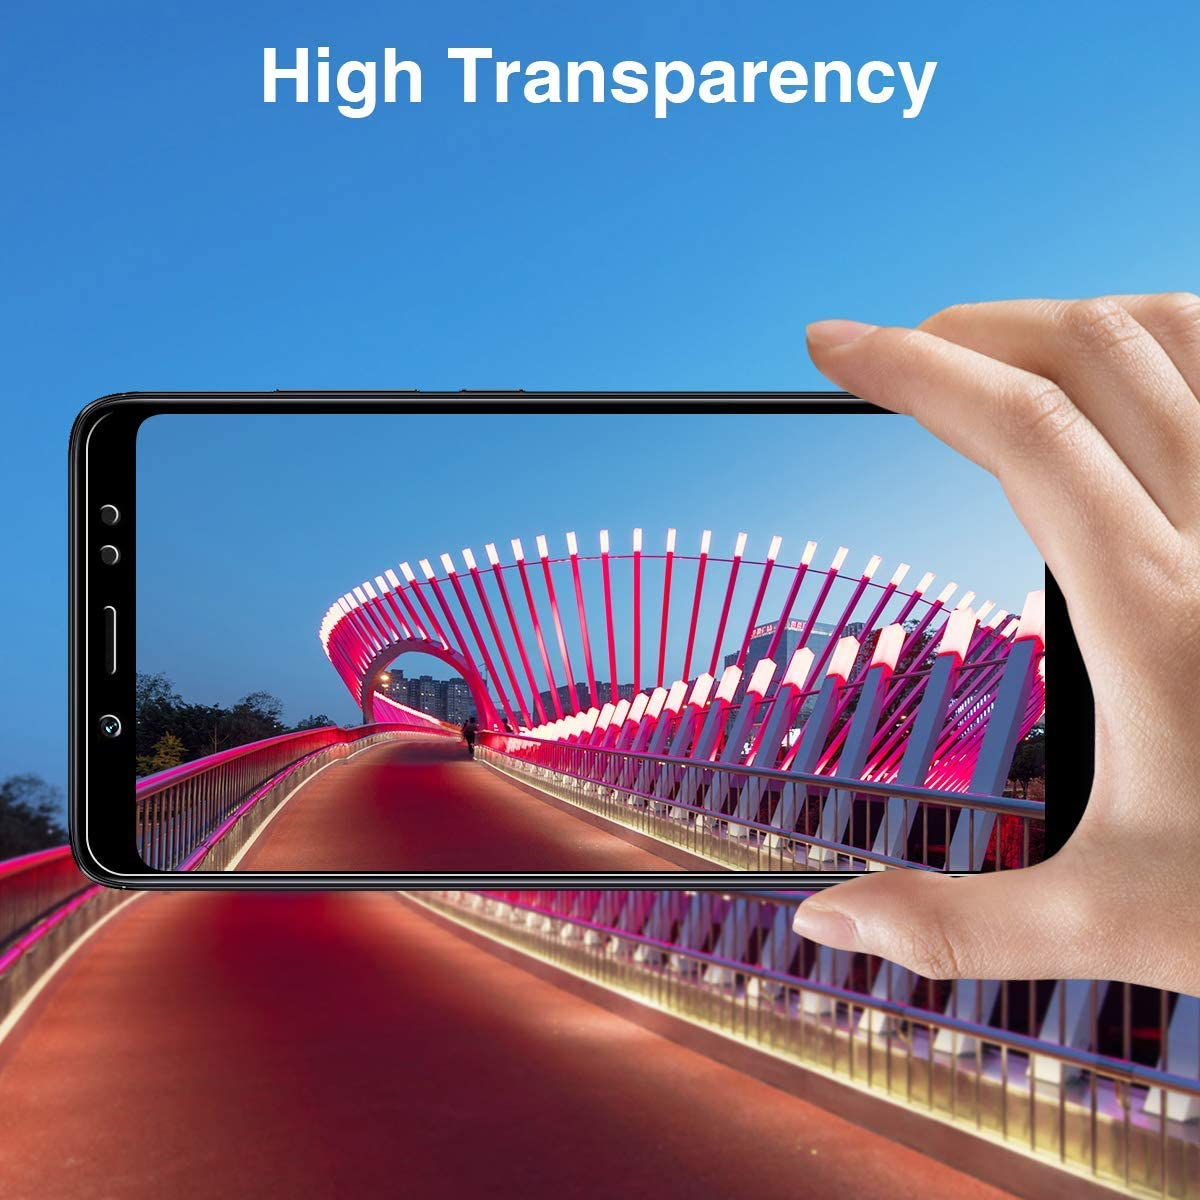 9H H/ärte Kratzfest Premium Displayschutz Schutzfolie 2 St/ück GIMTON Displayschutzfolie f/ür Samsung Galaxy A40 Keine Luftblasen Einfach Installation